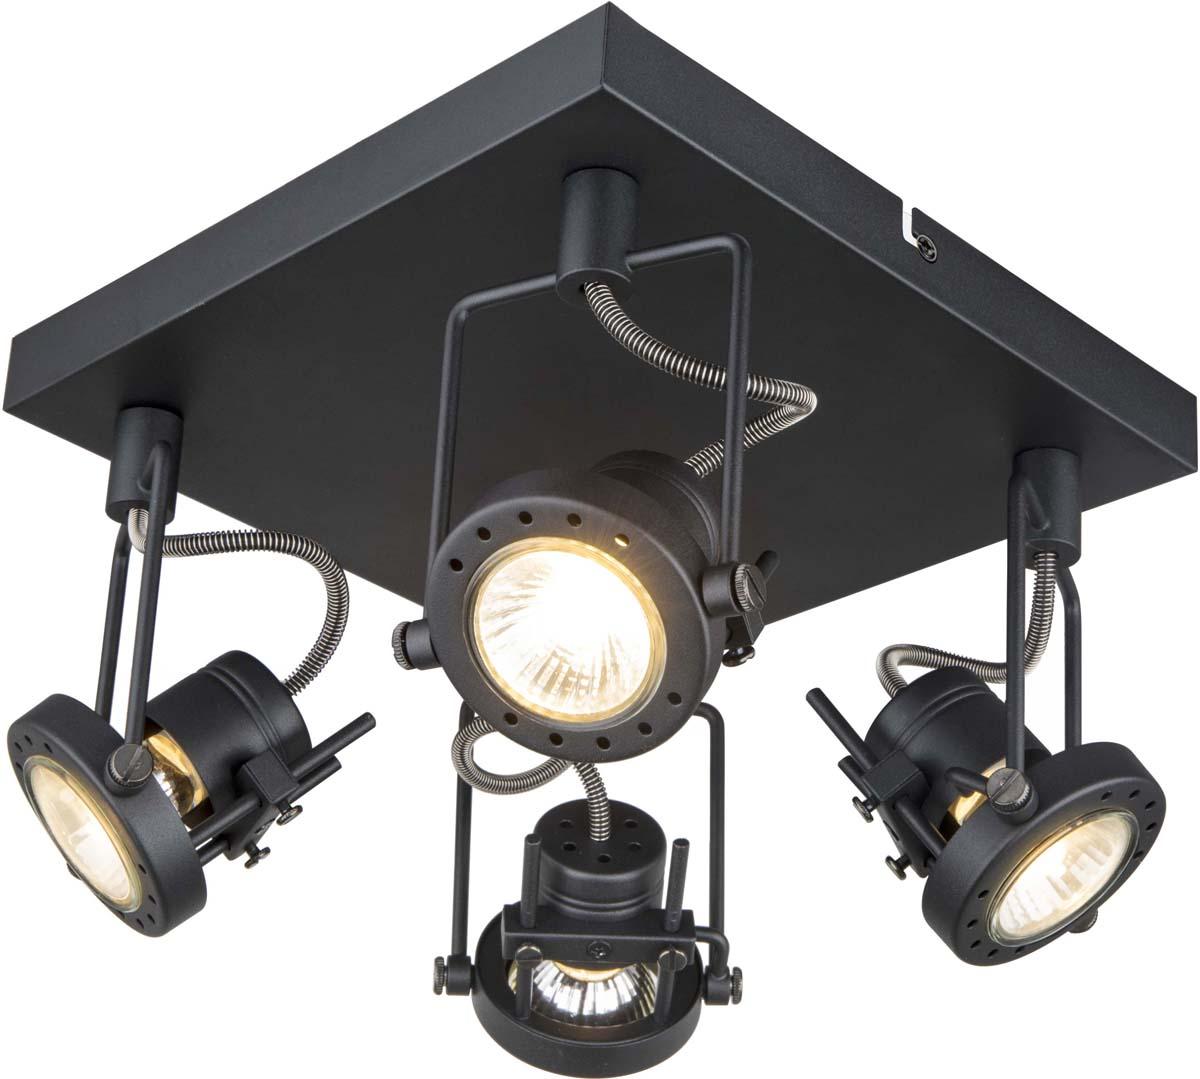 Светильник потолочный Arte Lamp Costruttore, цвет: черный, 4 х GU10, 50 W. A4300PL-4BKA4300PL-4BK